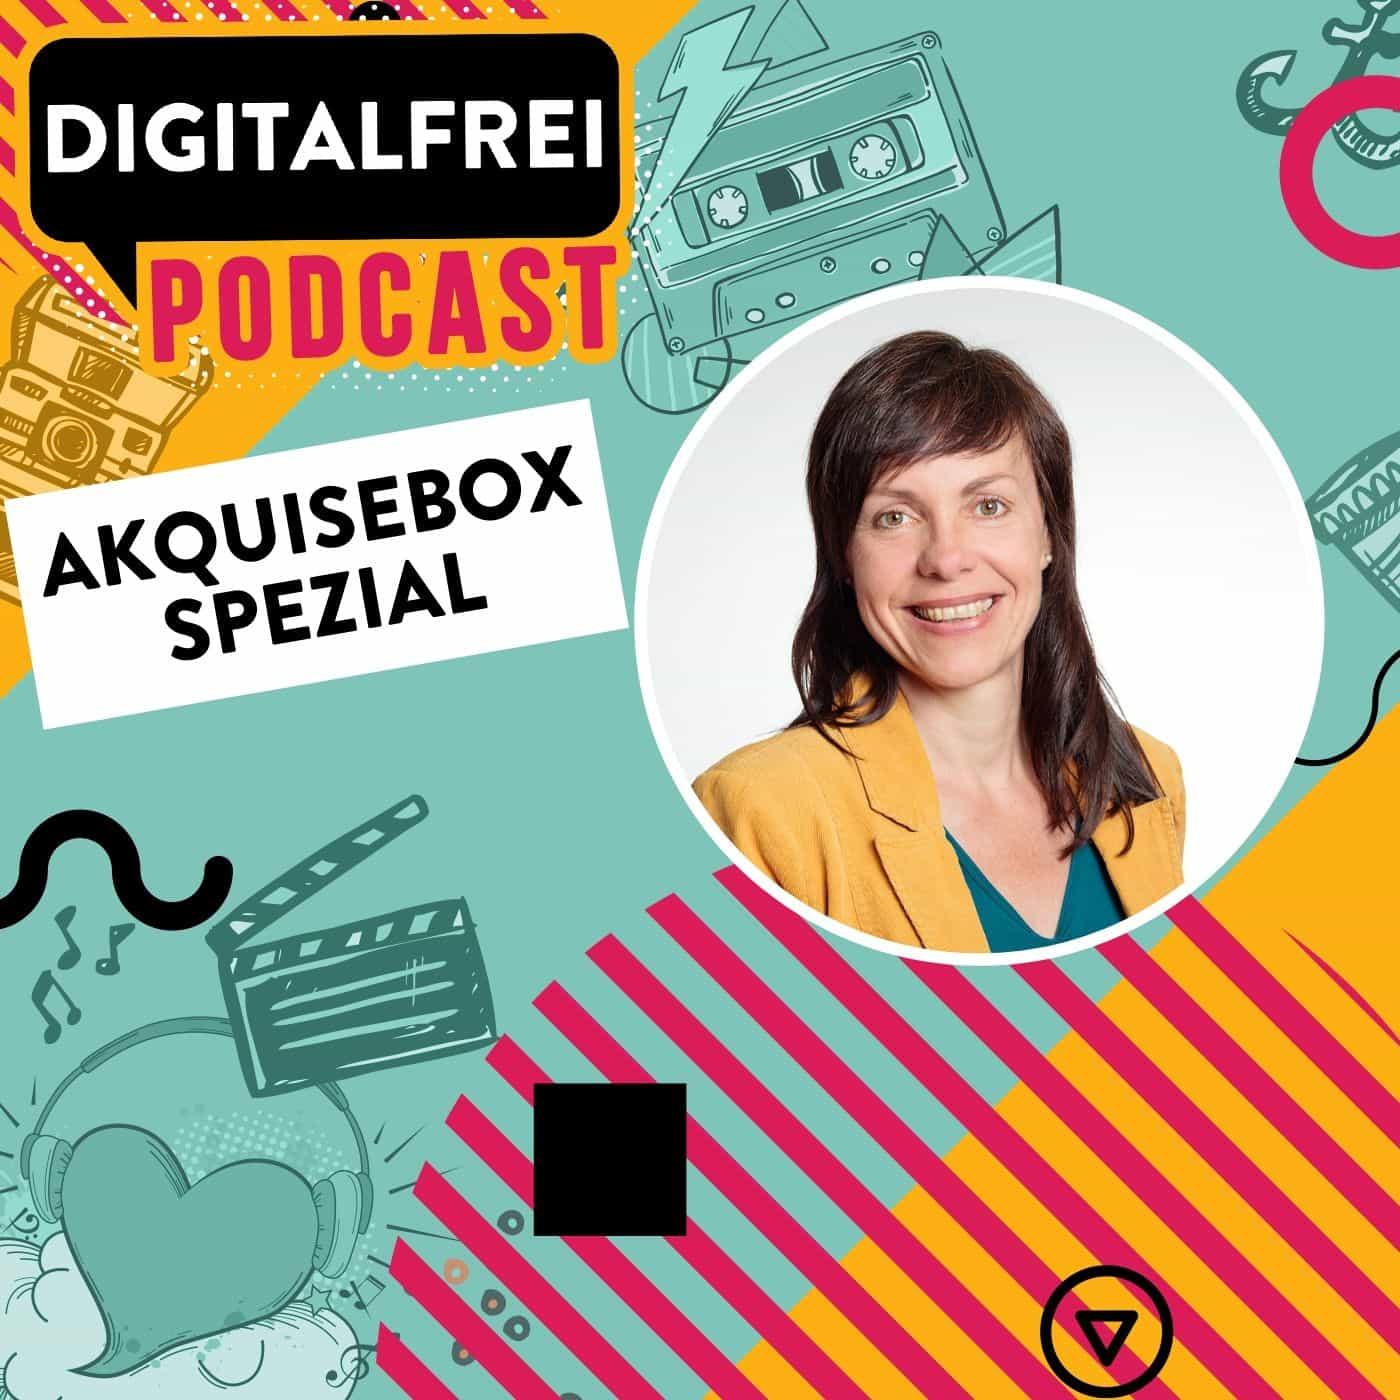 Akquisebox Spezial – Christina Bodendieck – Mehr Kunden -besser verkaufen